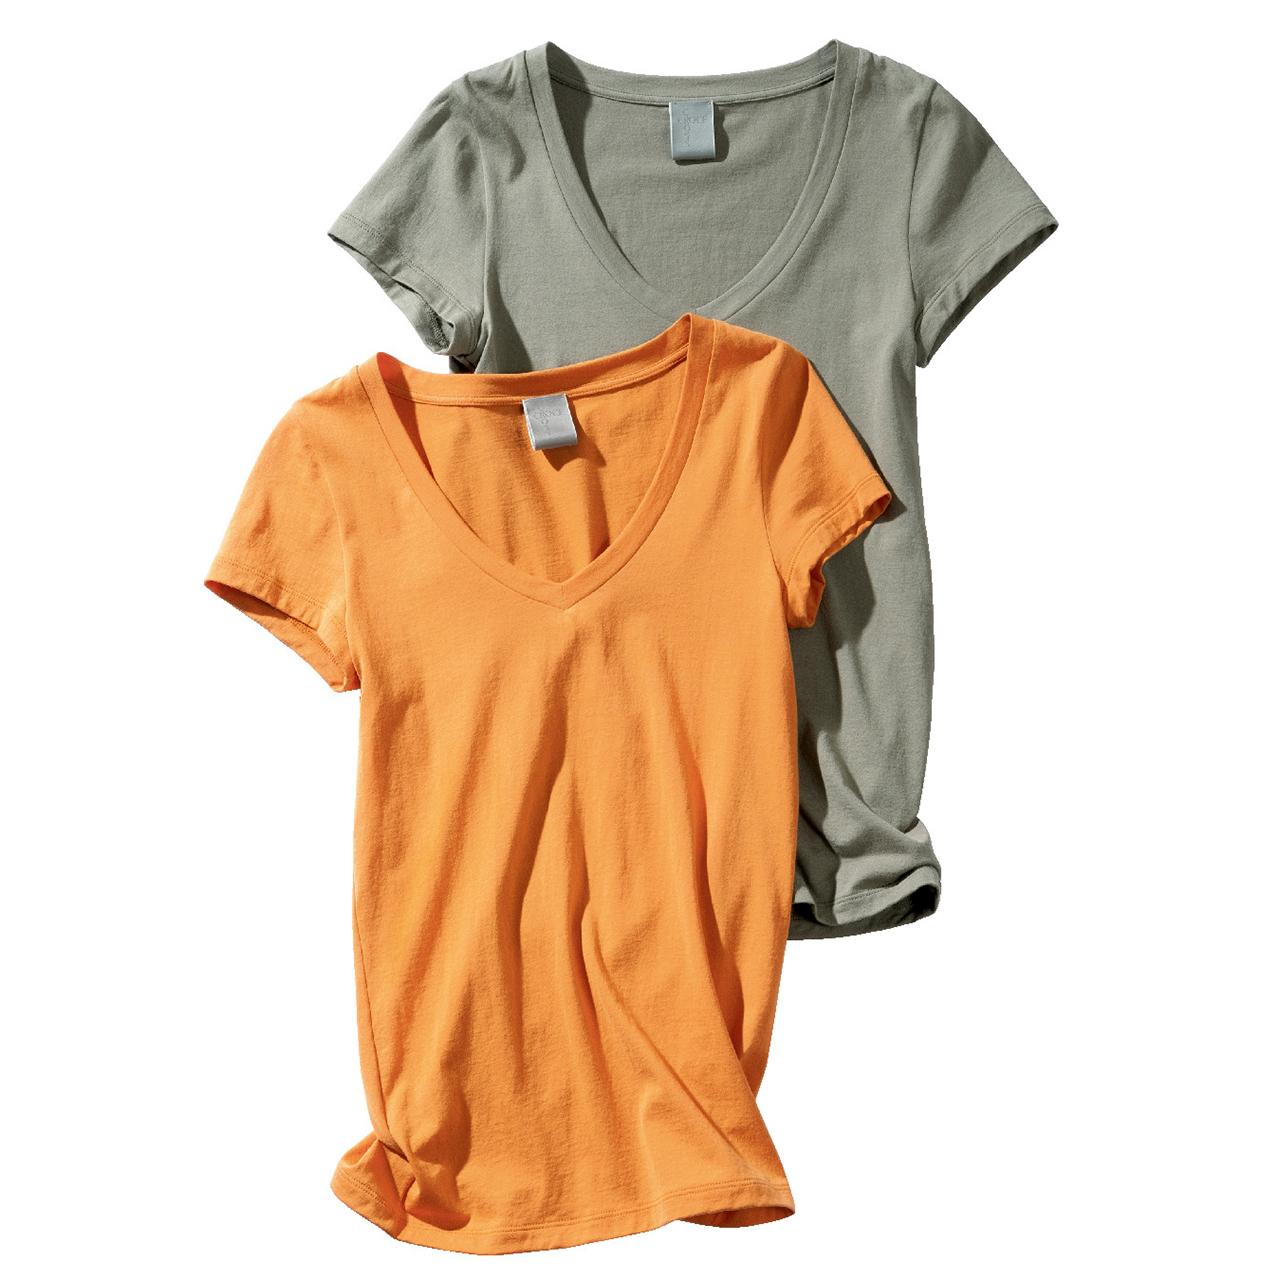 あなたの要望に応える、人気ブランドのTシャツ 五選_1_1-4